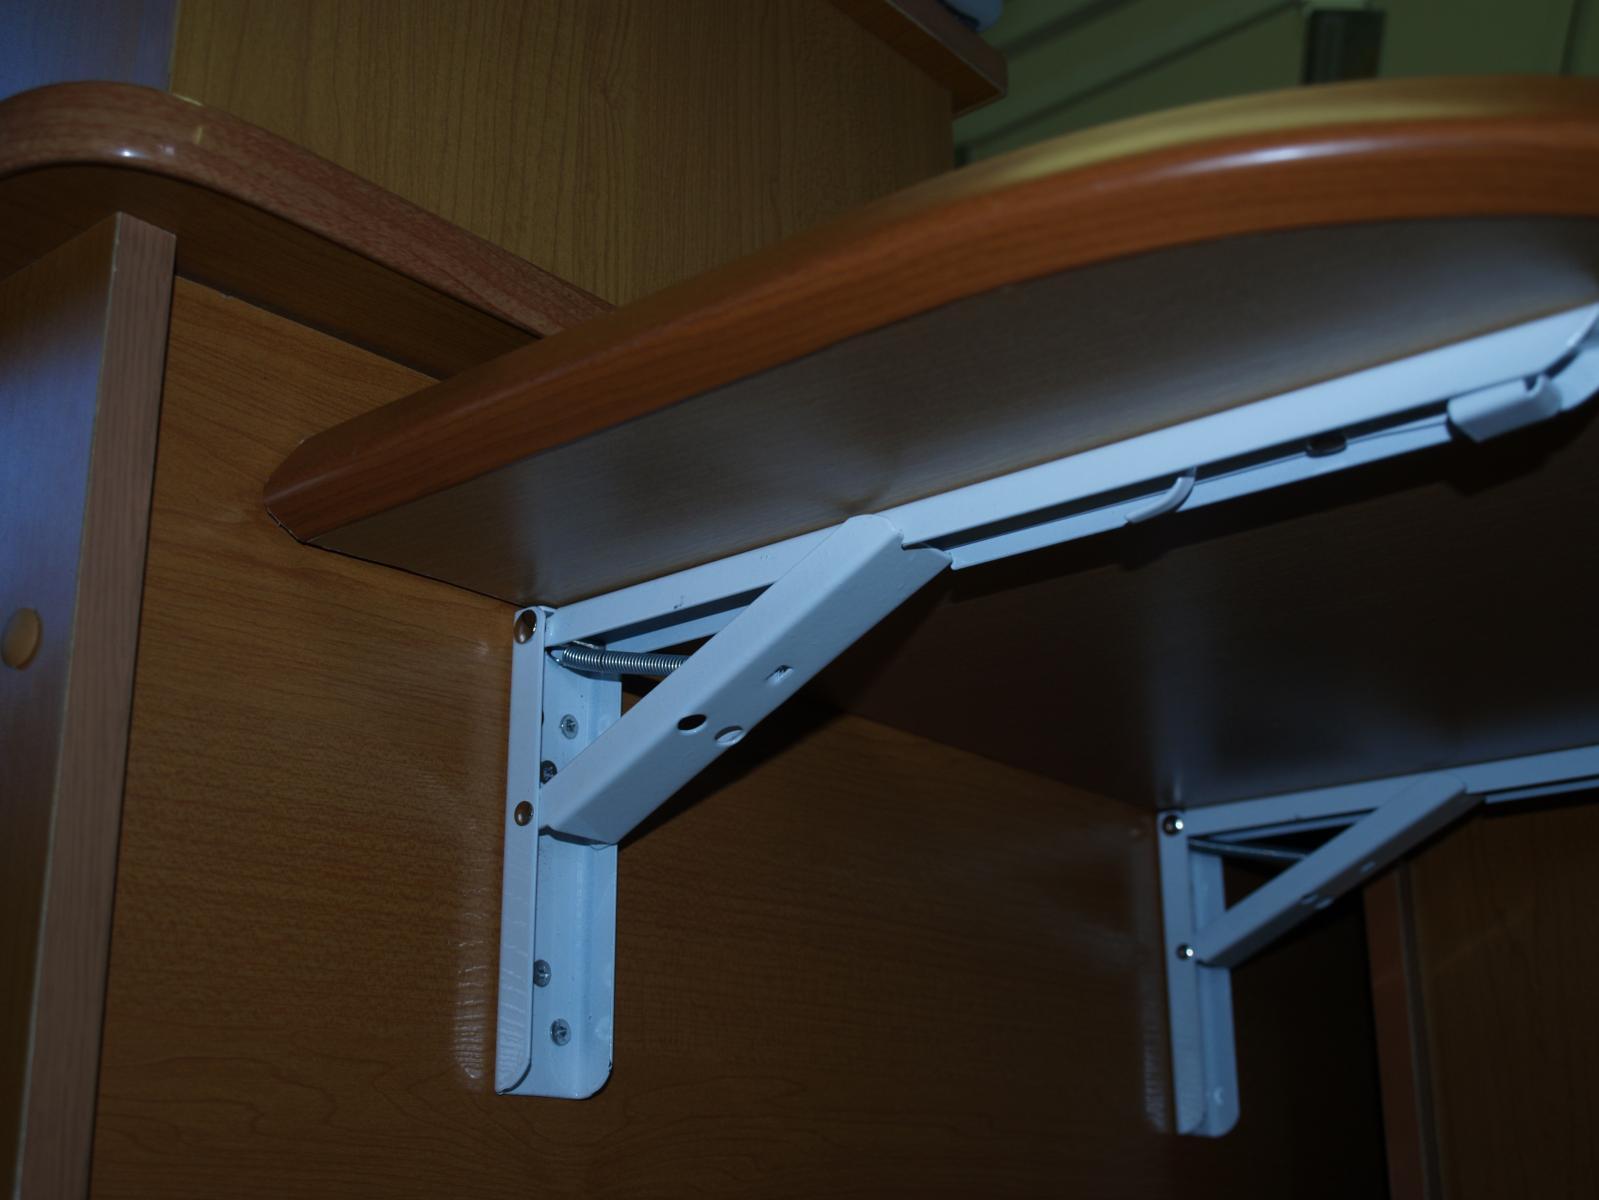 Петли для кухни: подбор, установка и настройка obustroeno.co.